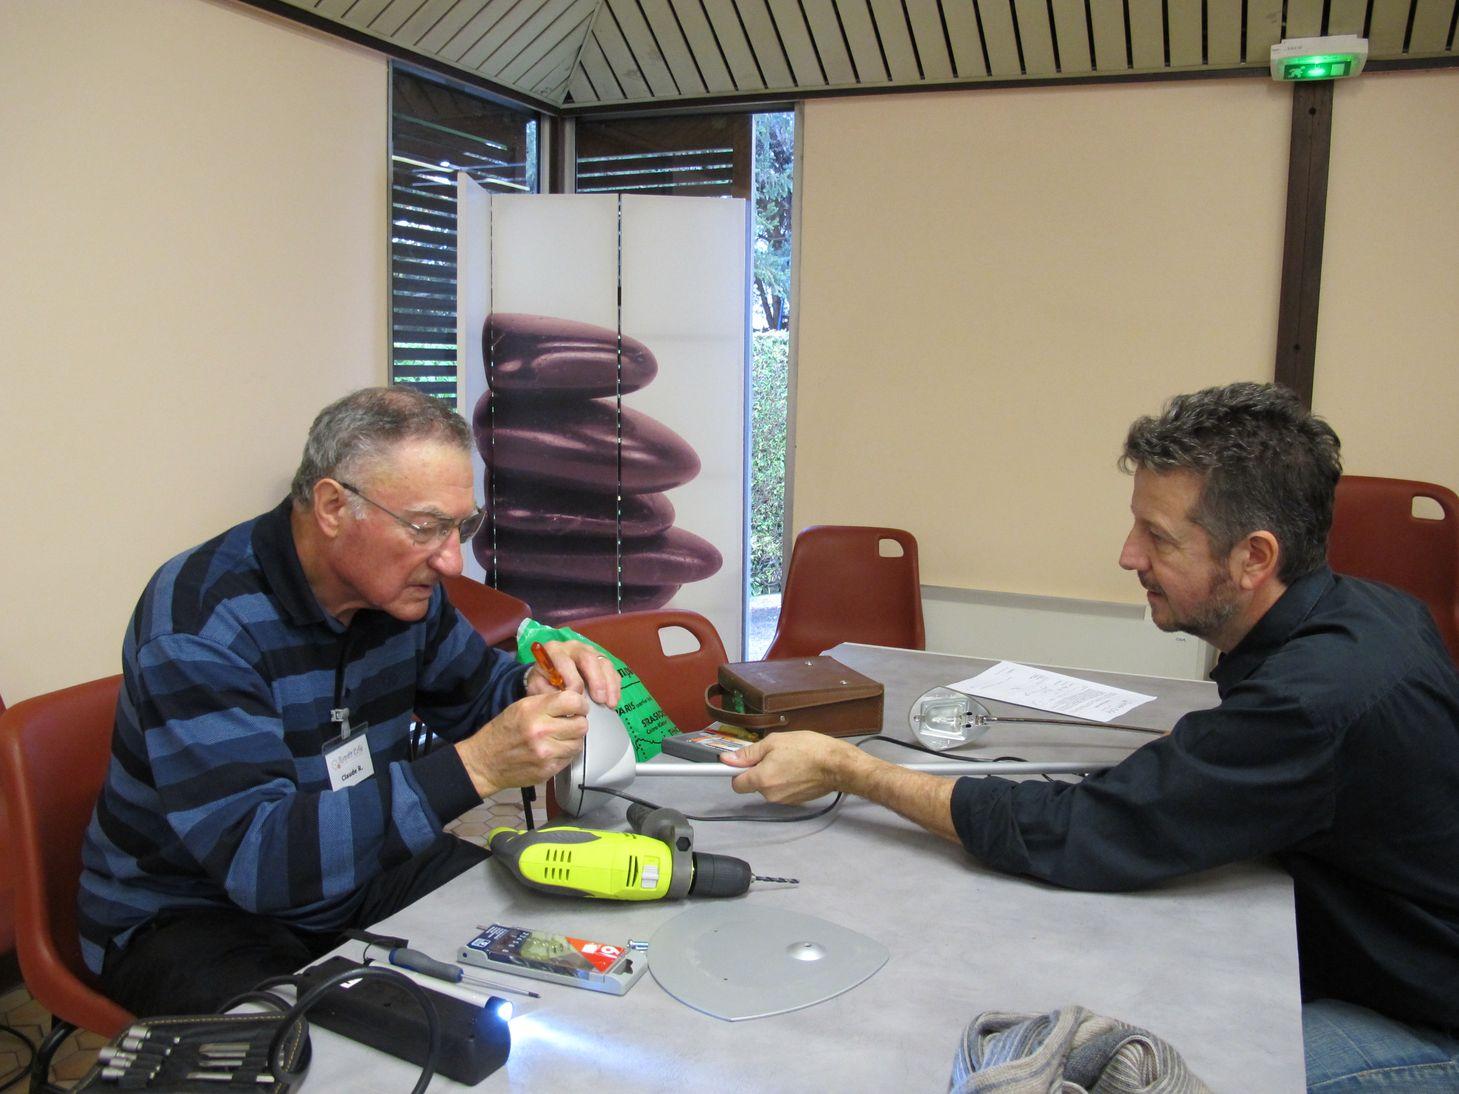 2014-11-11 Repair Café 07